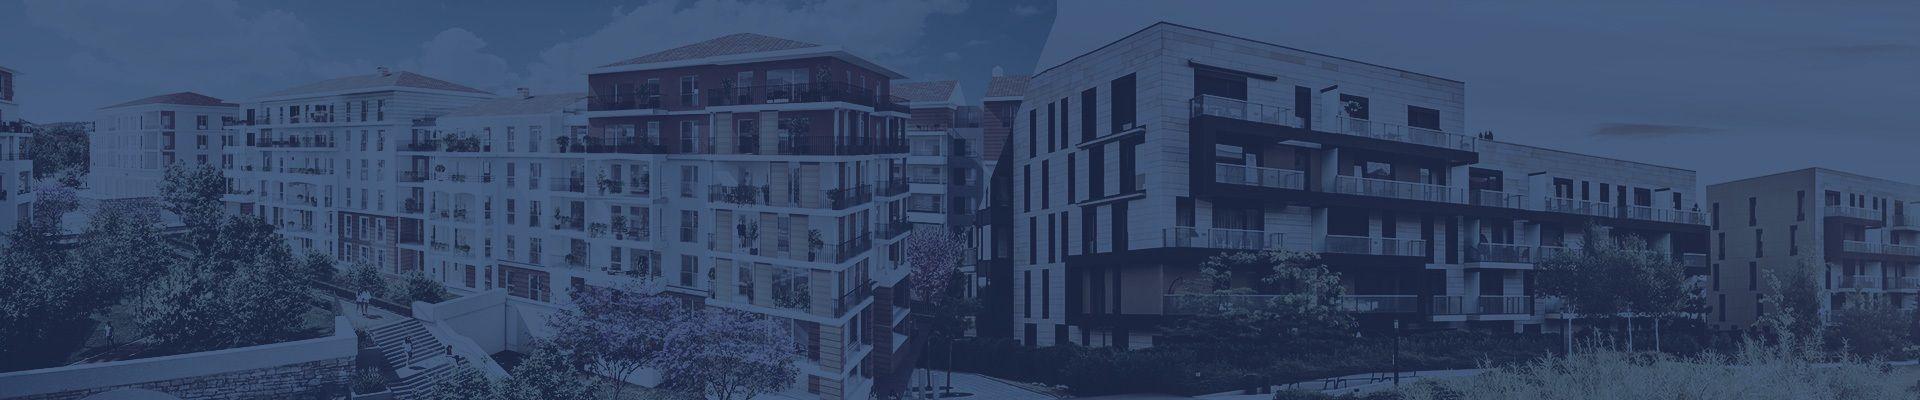 Quel investissement immobilier pour 2020? - Cheval Blanc Patrimoine